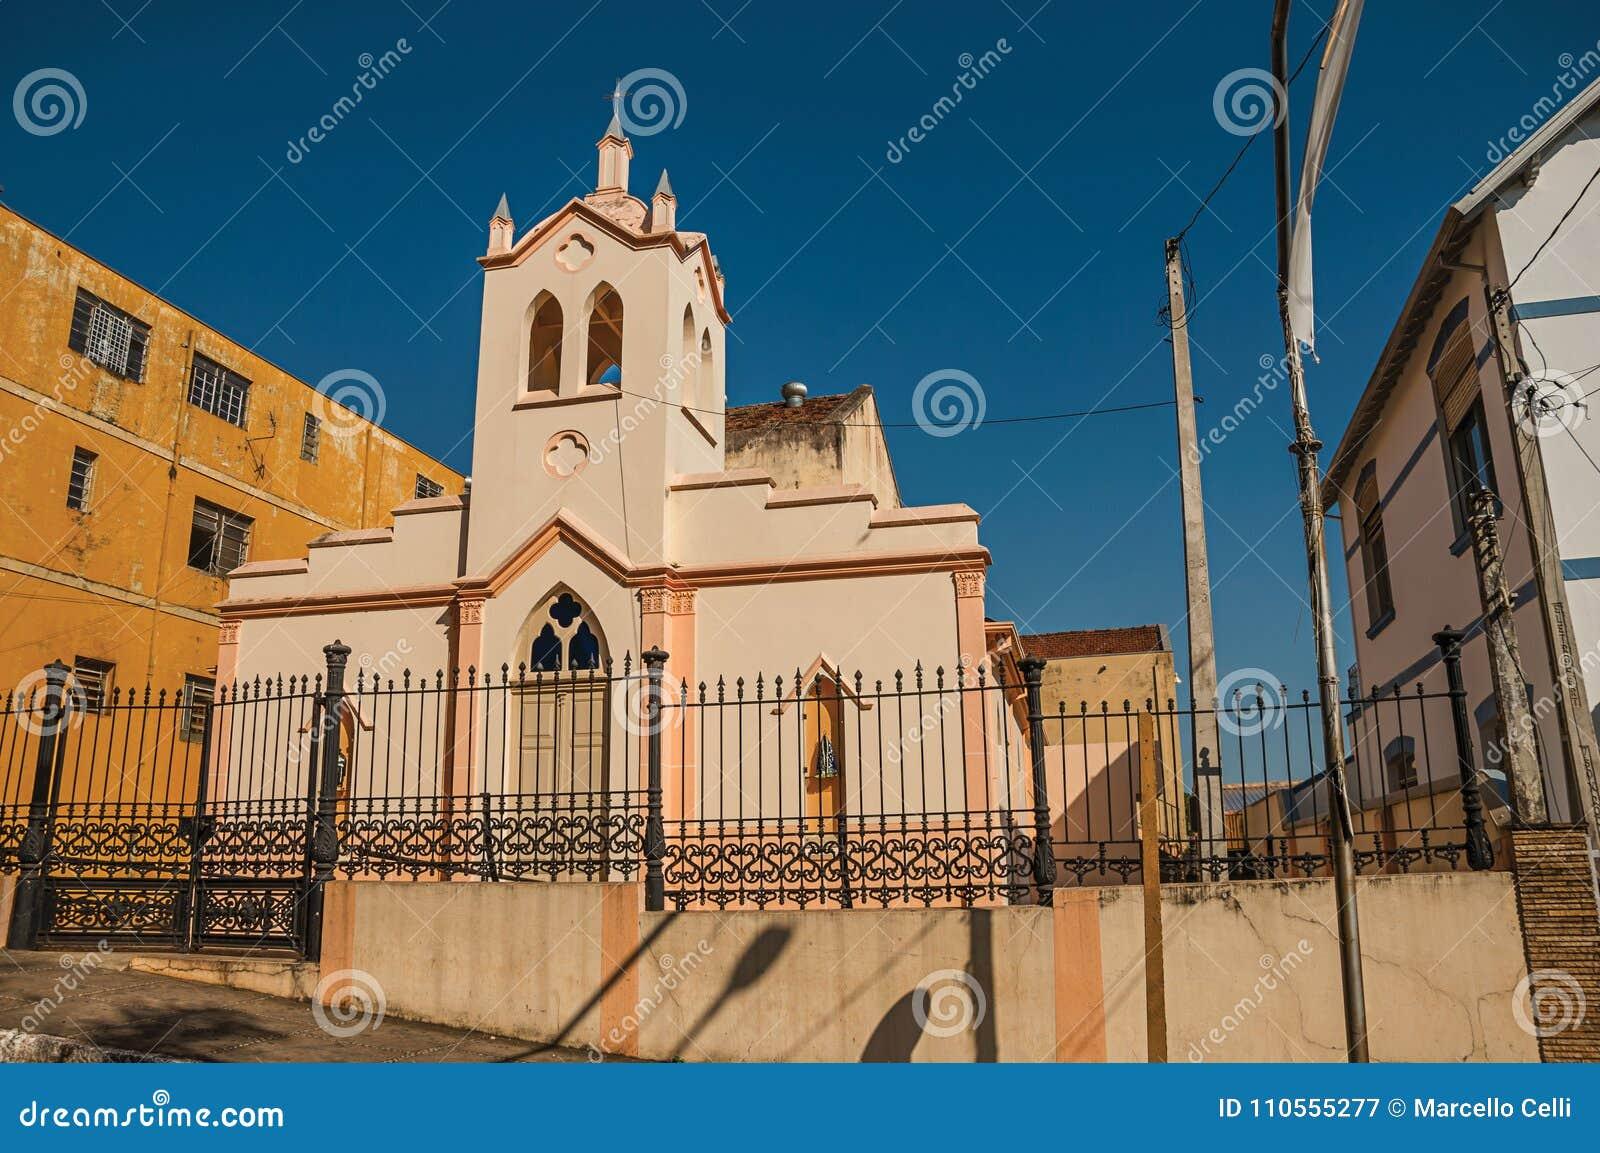 Fachada de la pequeños iglesia y campanario detrás de la cerca del hierro, en un día soleado en São Manuel